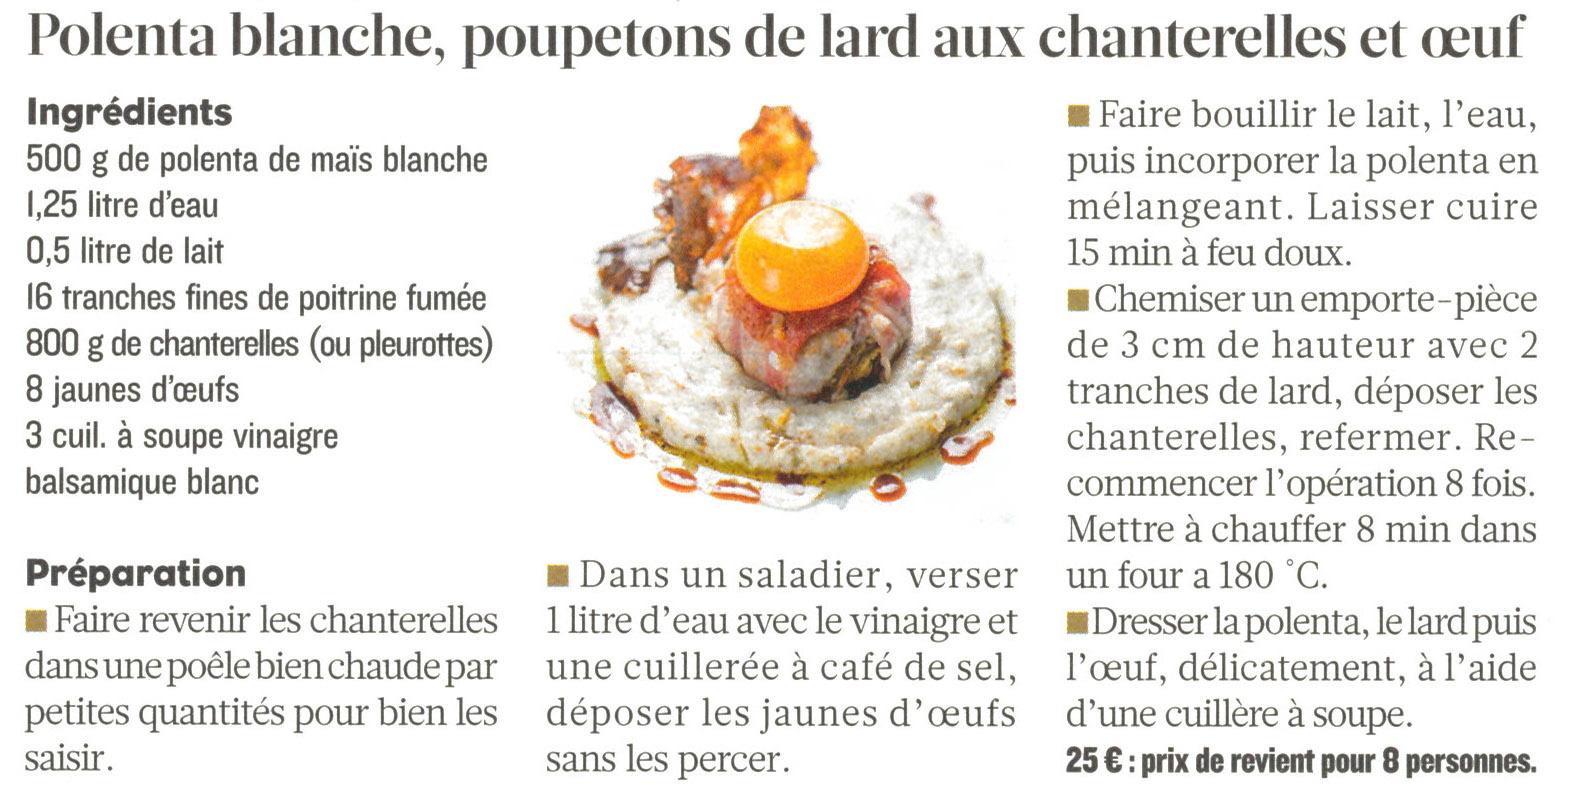 Vu dans le Figaro Magazine de décembre : une idée du Chef niçois Armand Crespo